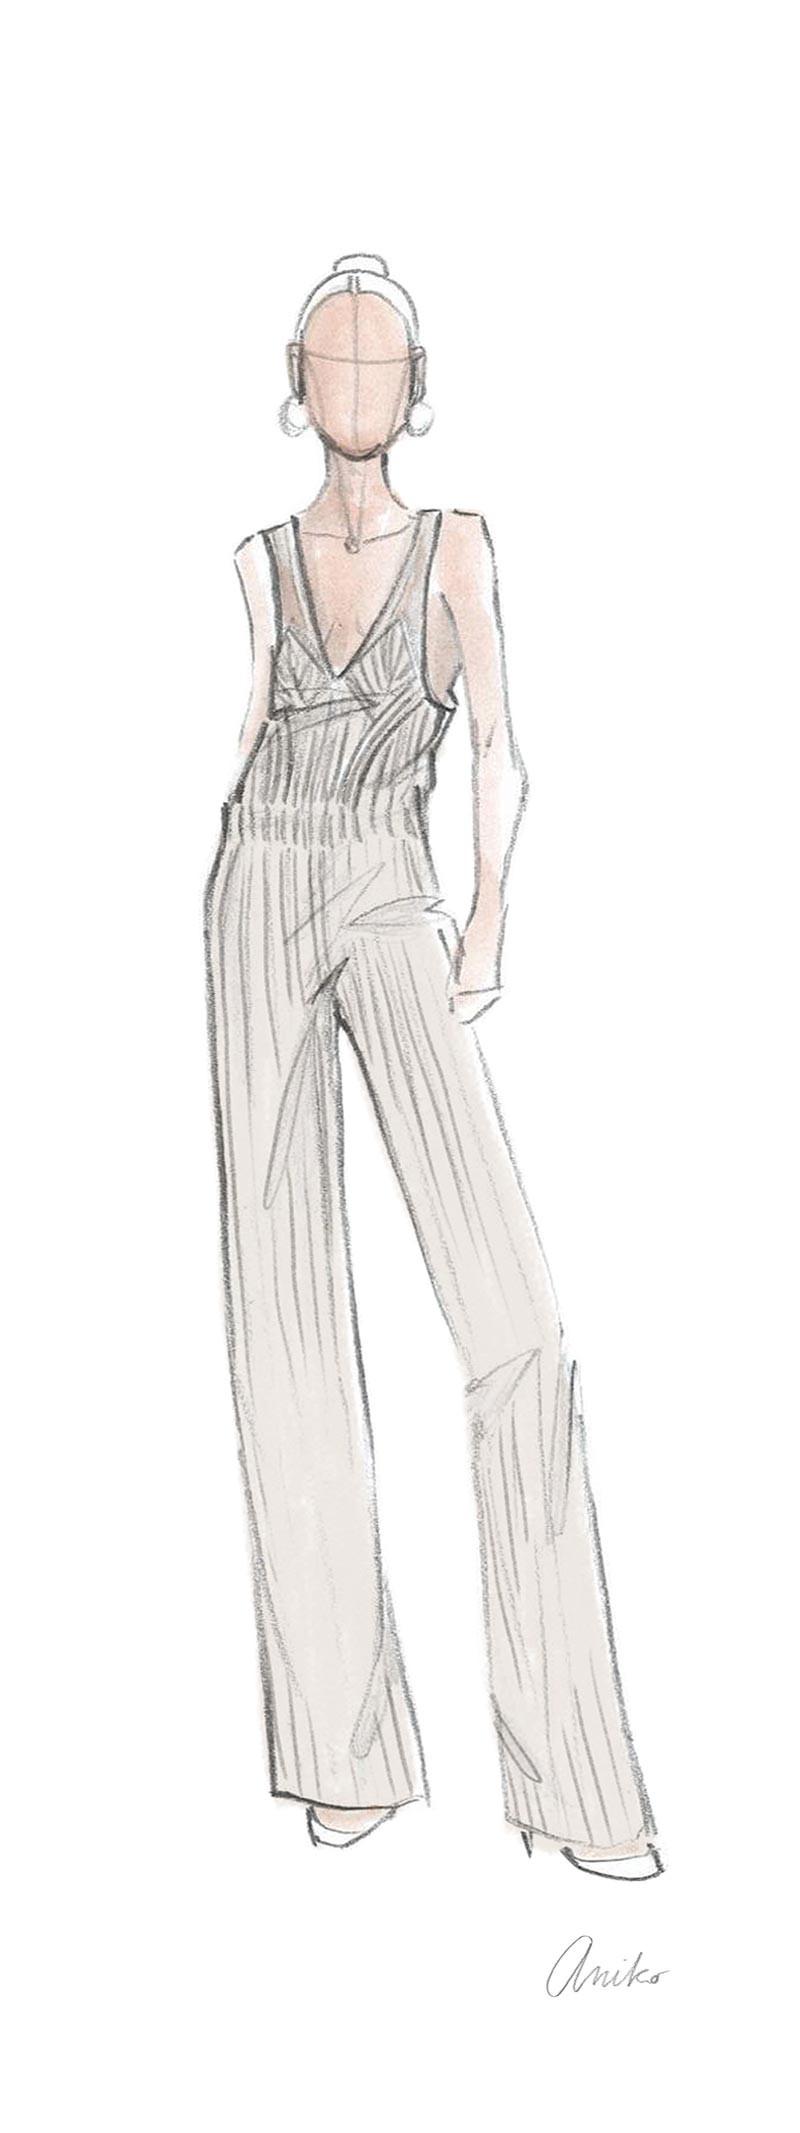 Agatha Sketch